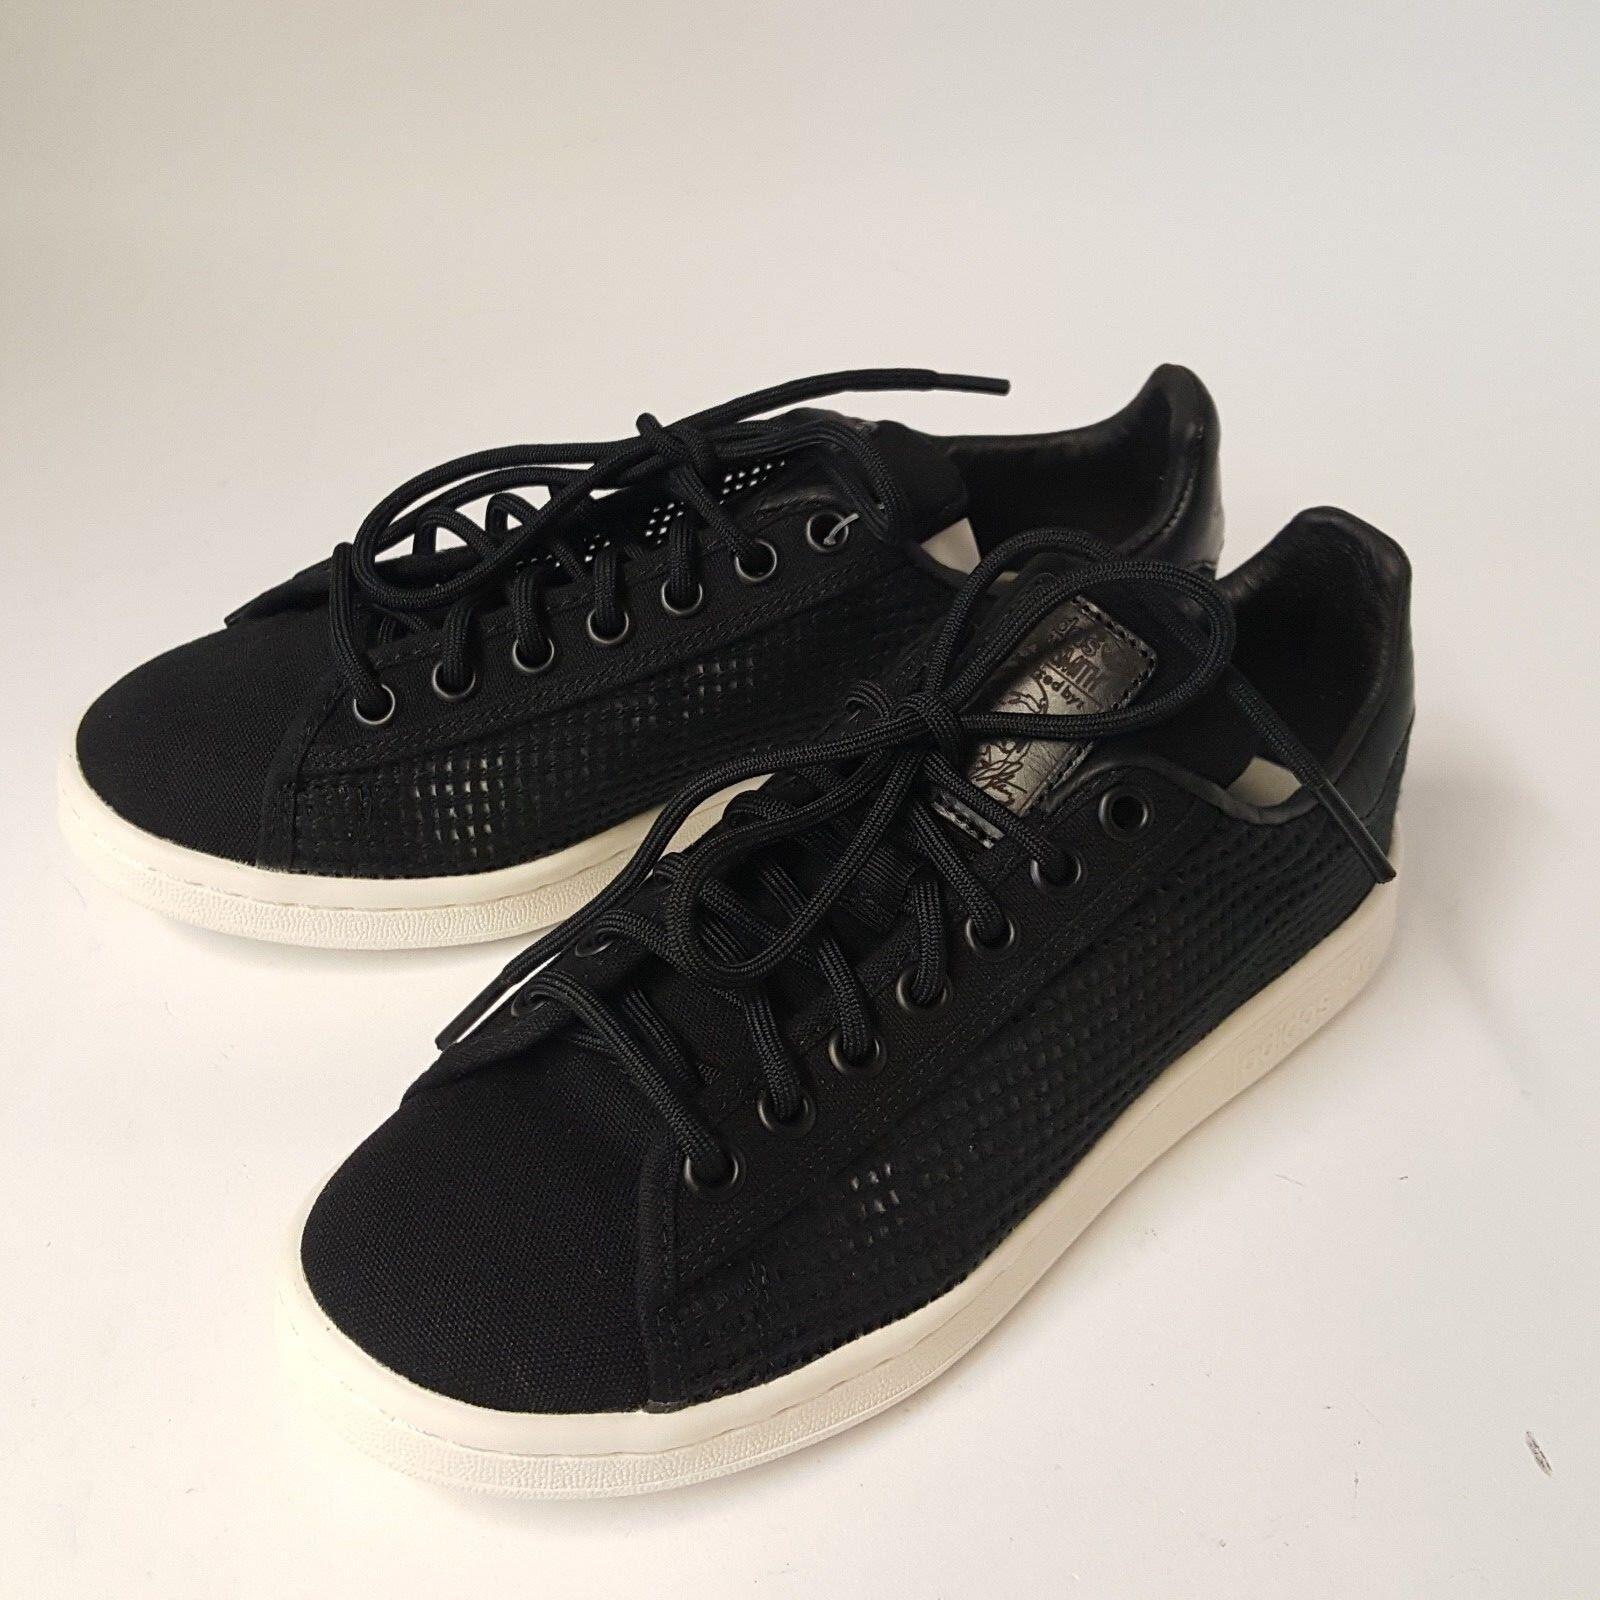 new style 9c6d3 de7e1 ADIDAS Stan Smith ESTATE-Edition scarpe da ginnastica dimensioni 38 2 3 ()  e51e28